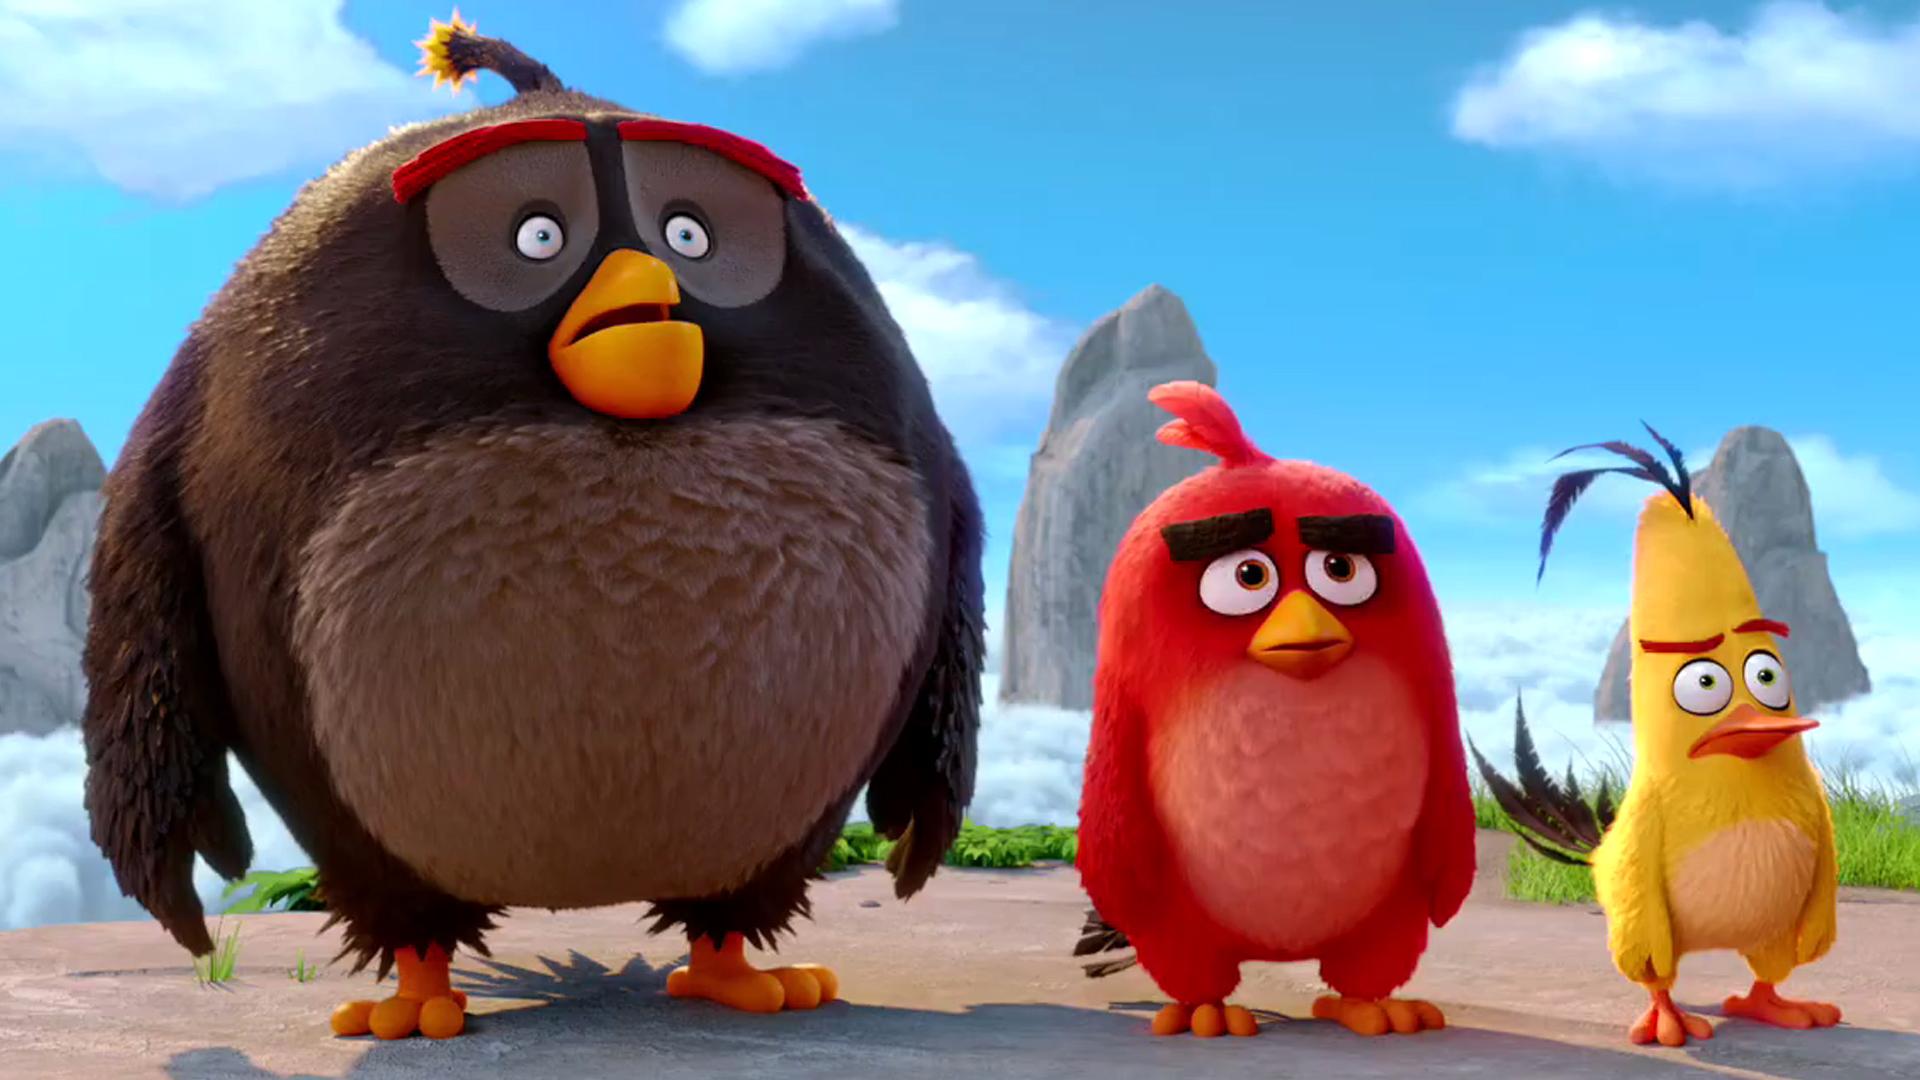 Theangrybirdsmovieultrahdbluray